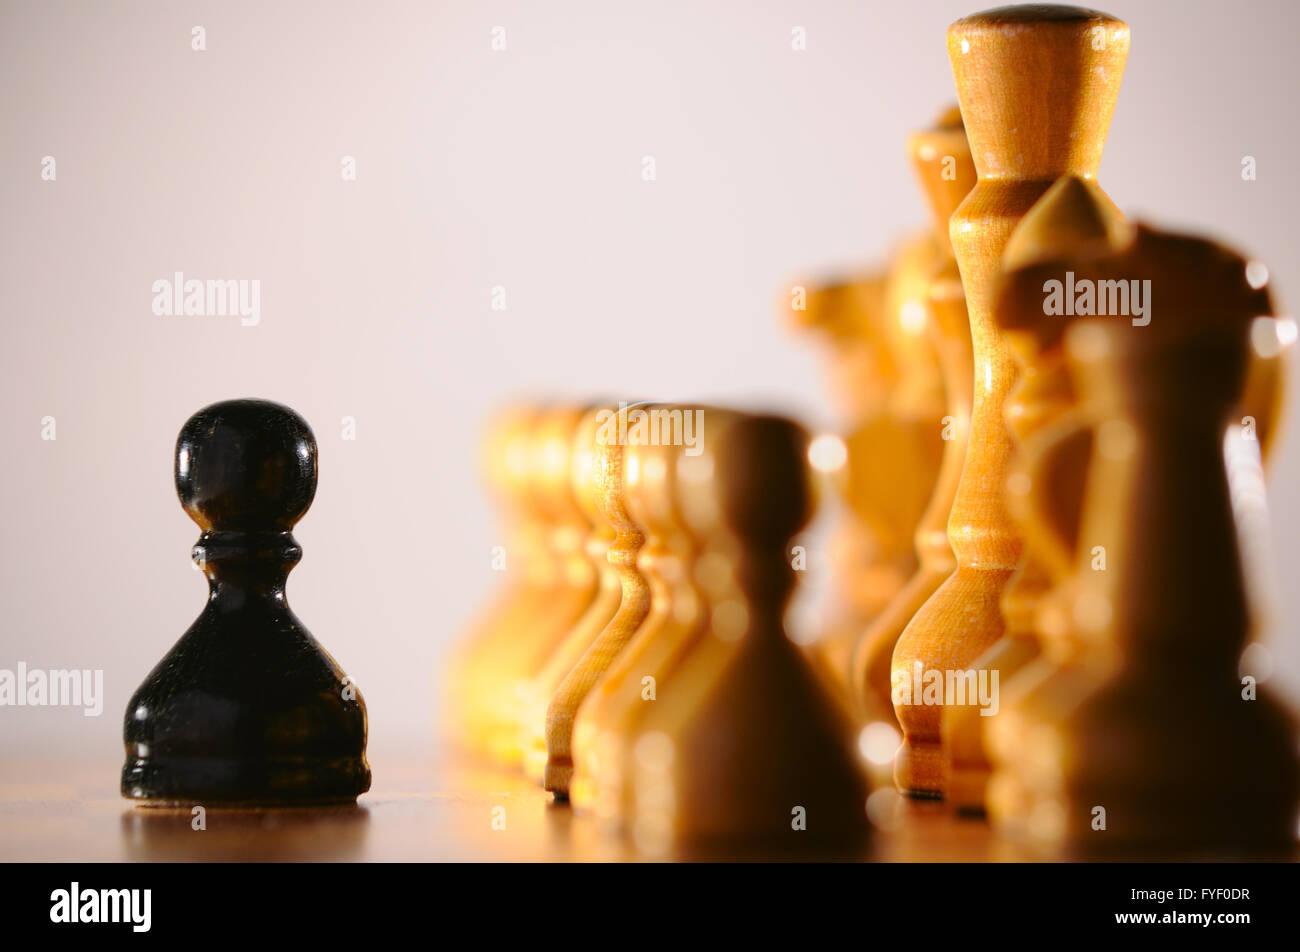 Peón negro contra el blanco ejército de piezas de ajedrez Imagen De Stock